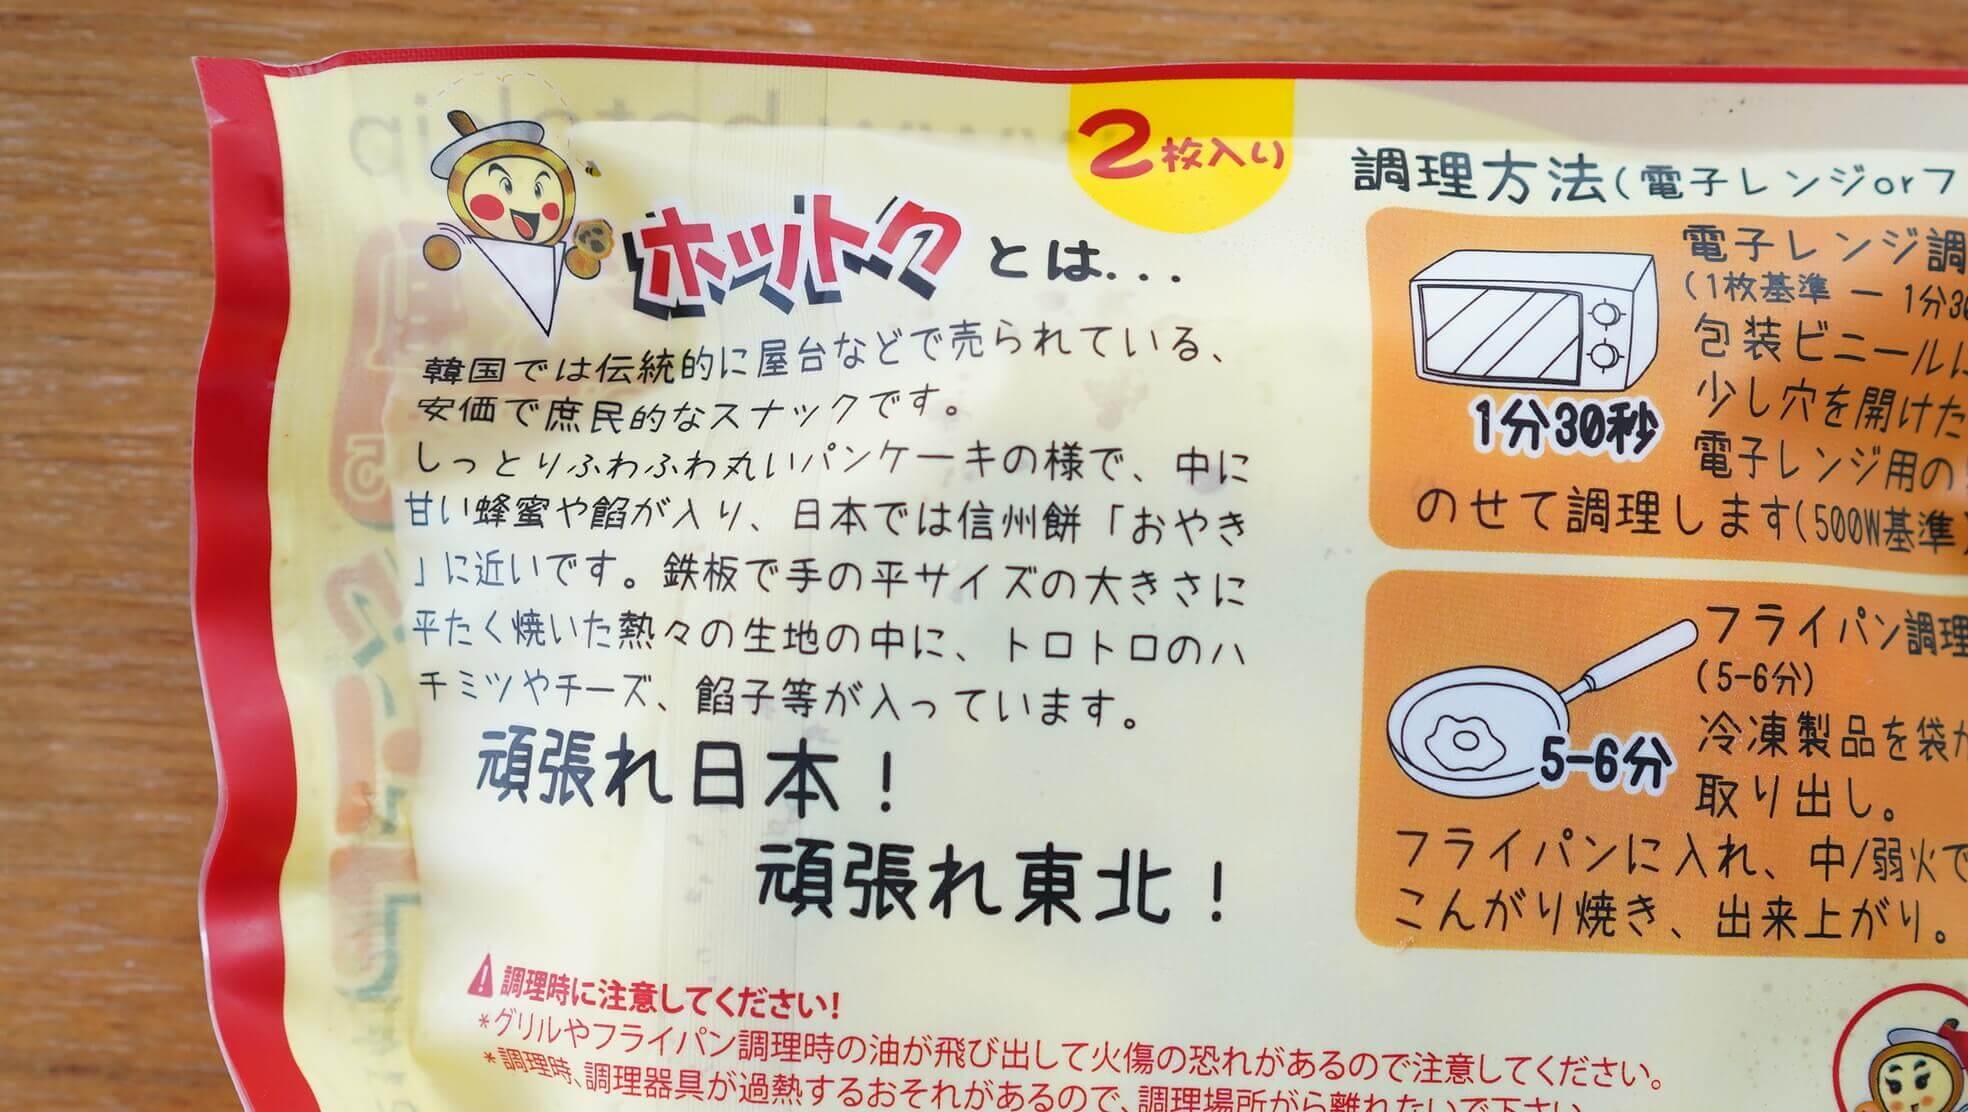 新大久保の人気店「ジョンノ・ホットク」のお取り寄せ用「冷凍ホットク」のパッケージ裏面の「ホットクとは?」の説明文の写真